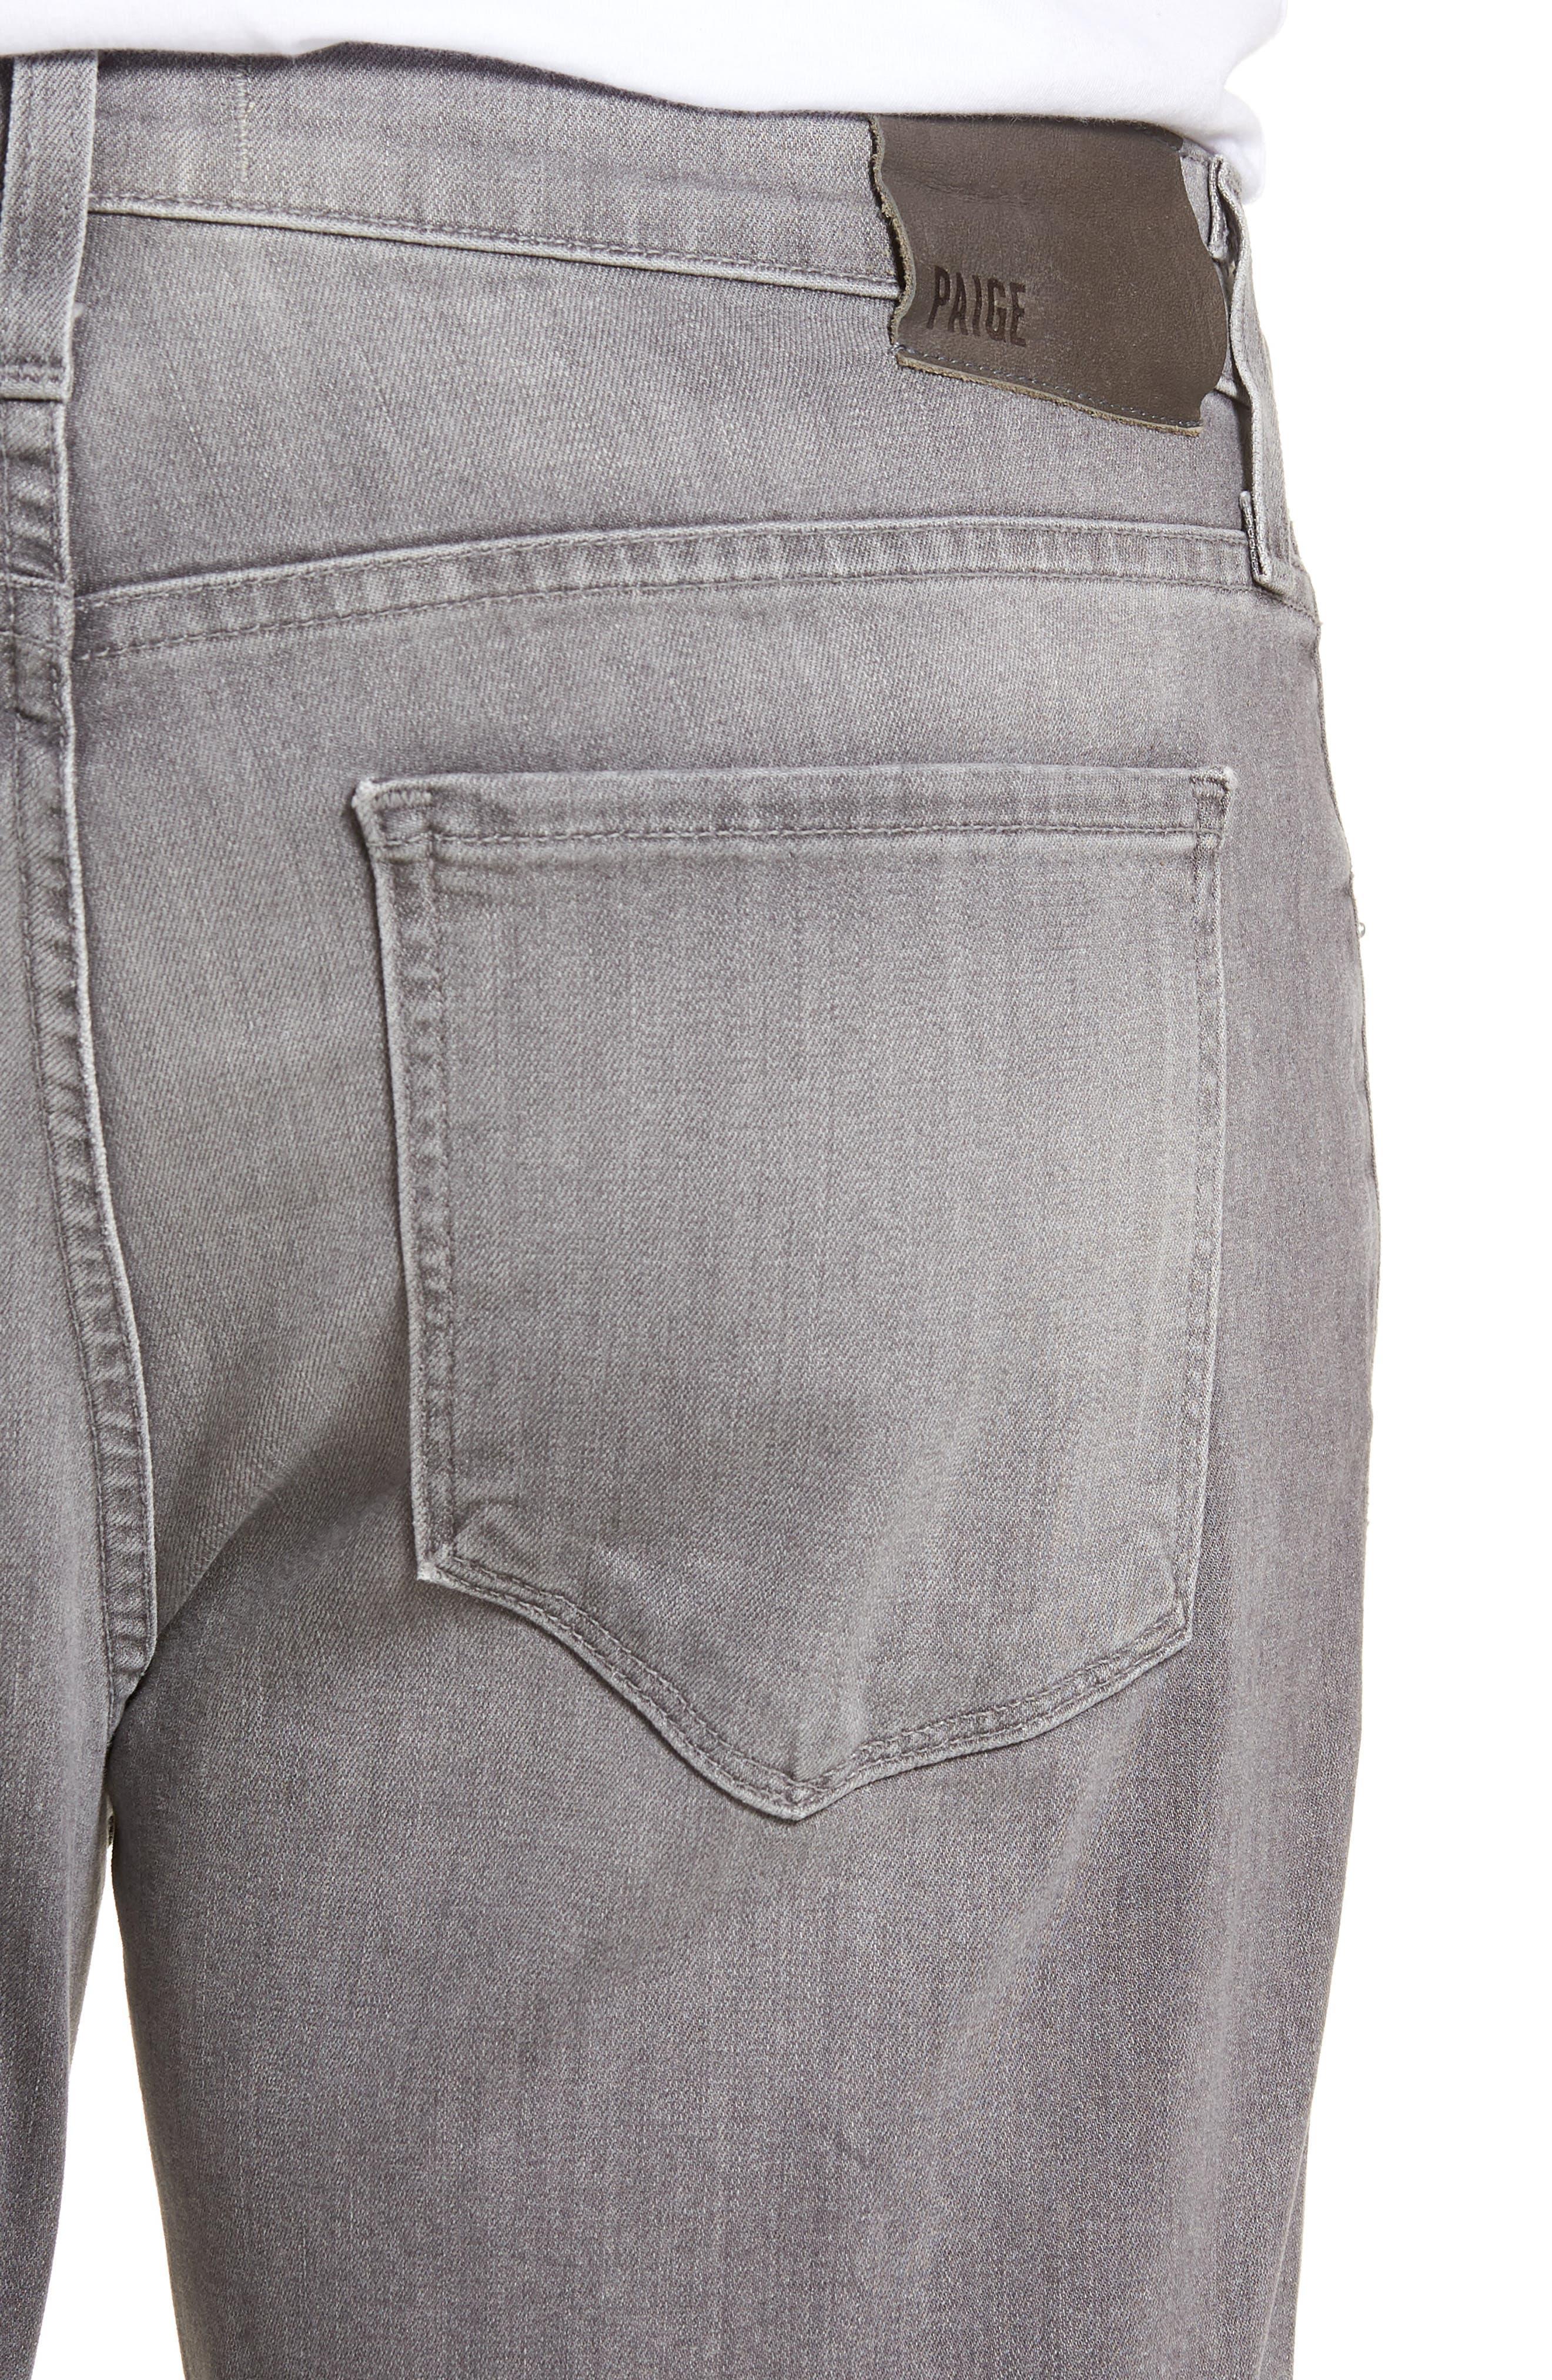 Normandie Straight Leg Jeans,                             Alternate thumbnail 4, color,                             Annex